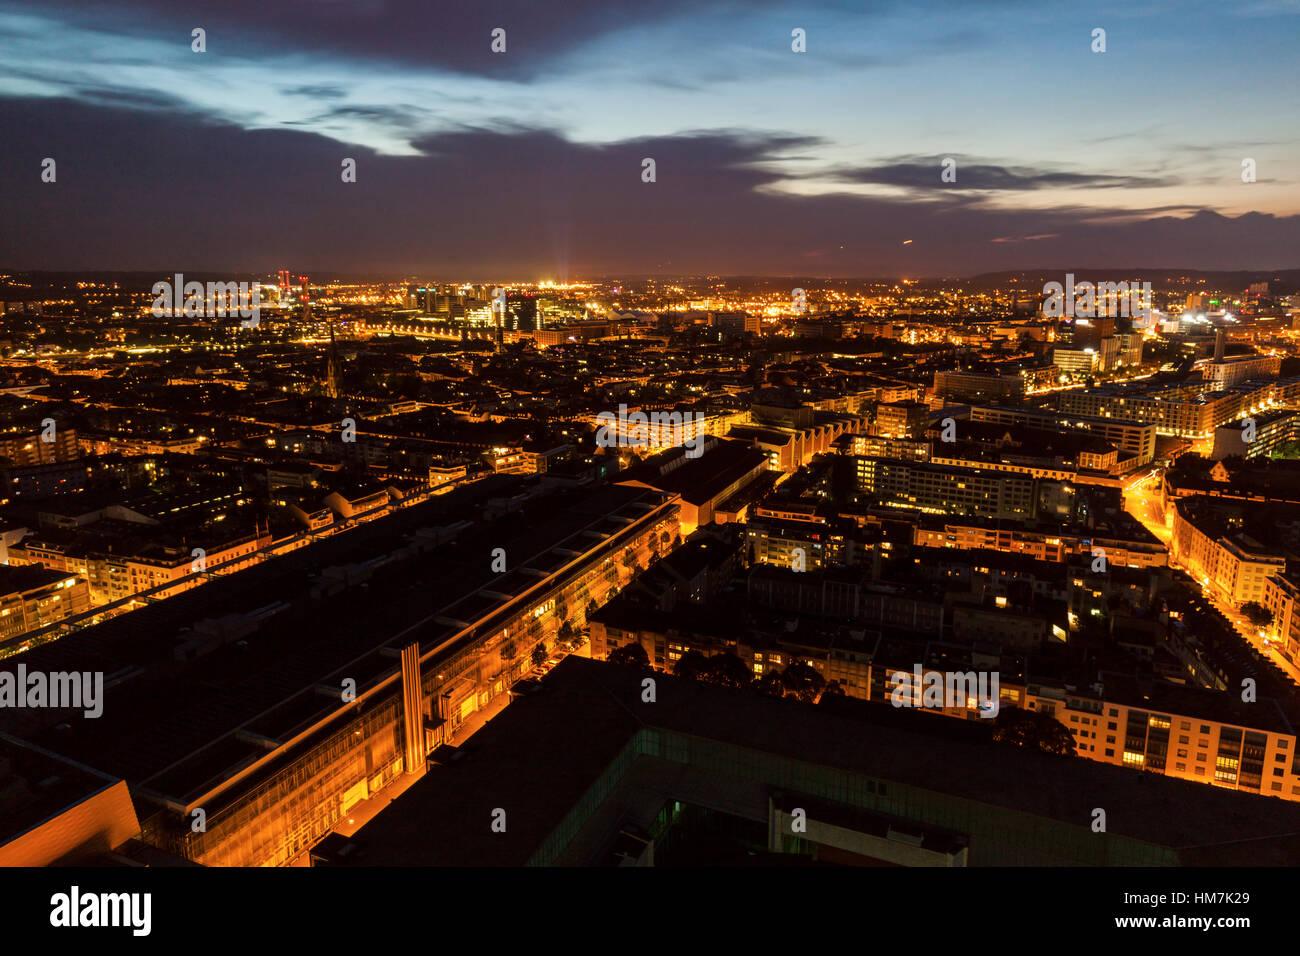 Switzerland, Basel, Basel-Stadt, Cityscape at dusk - Stock Image